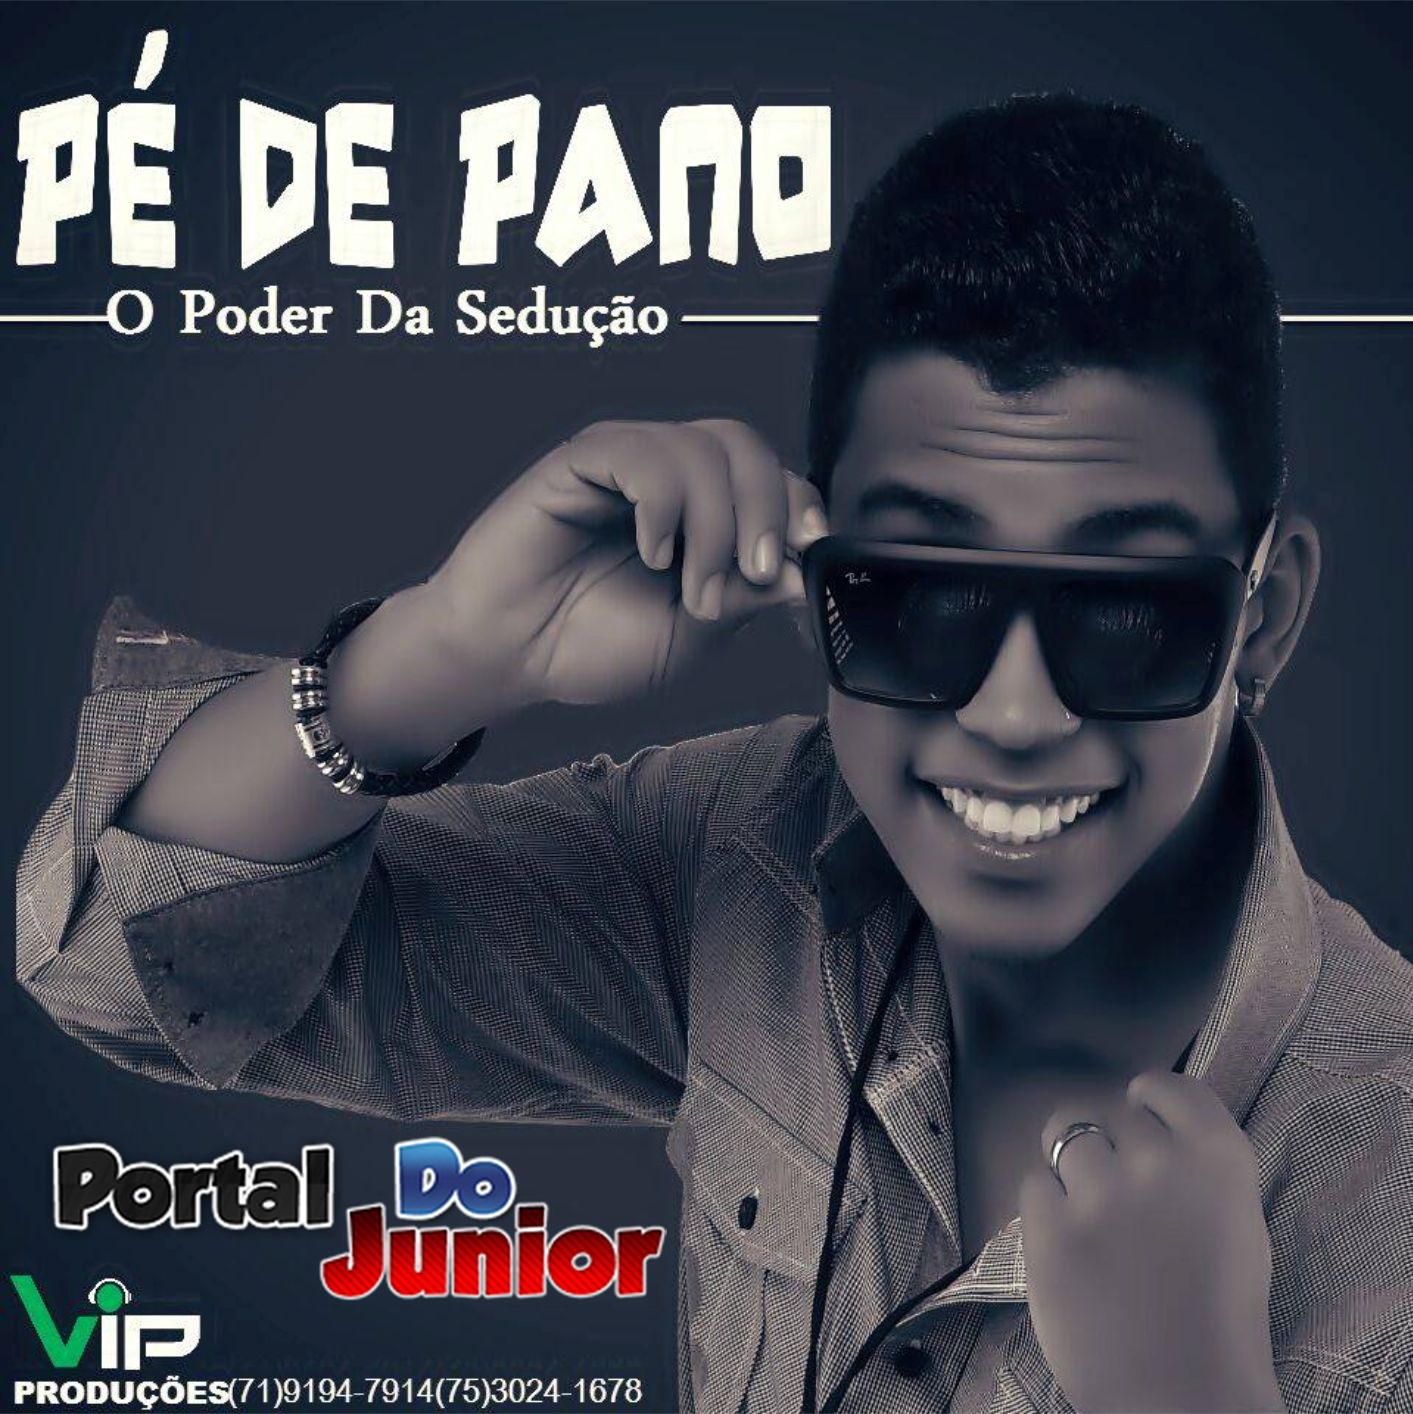 [CD NOVO] Pé de Pano